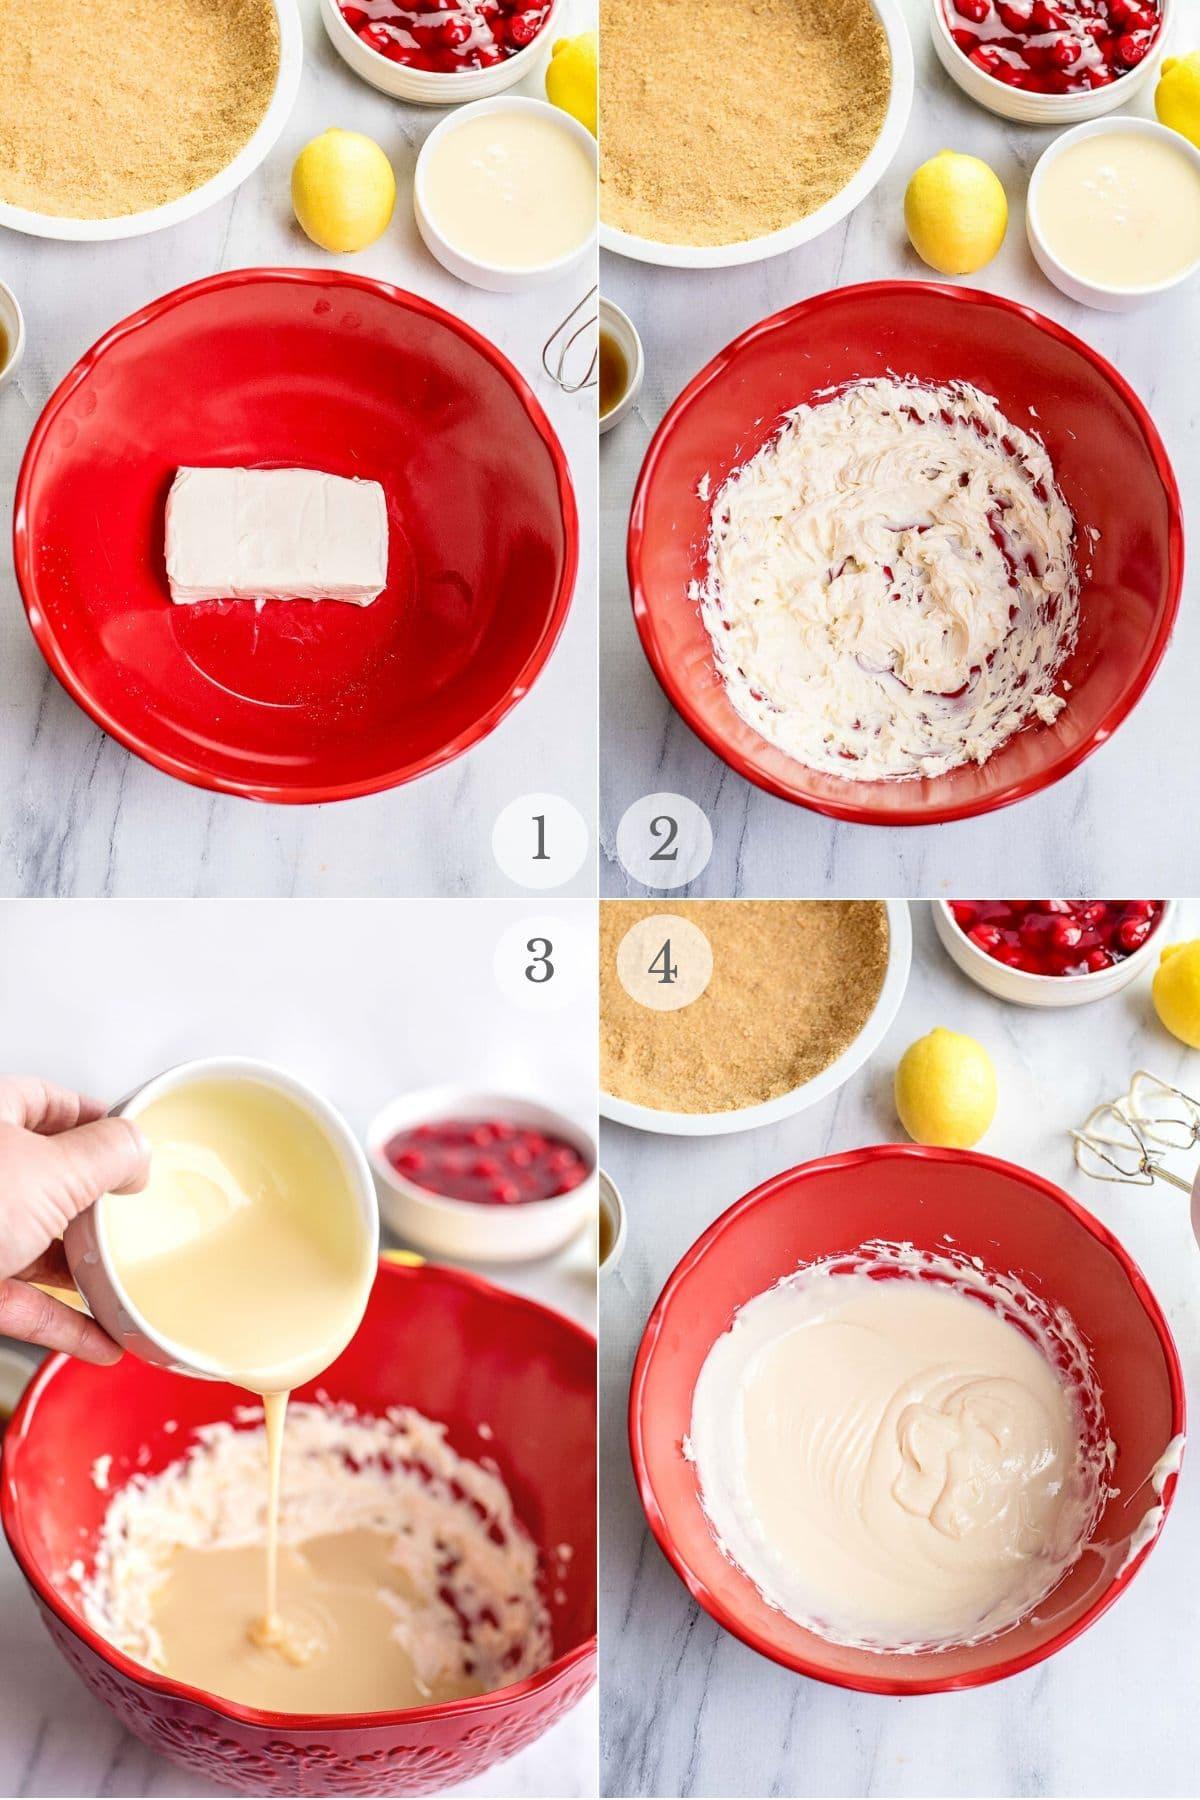 cherry cream cheese pie recipe steps 1-4